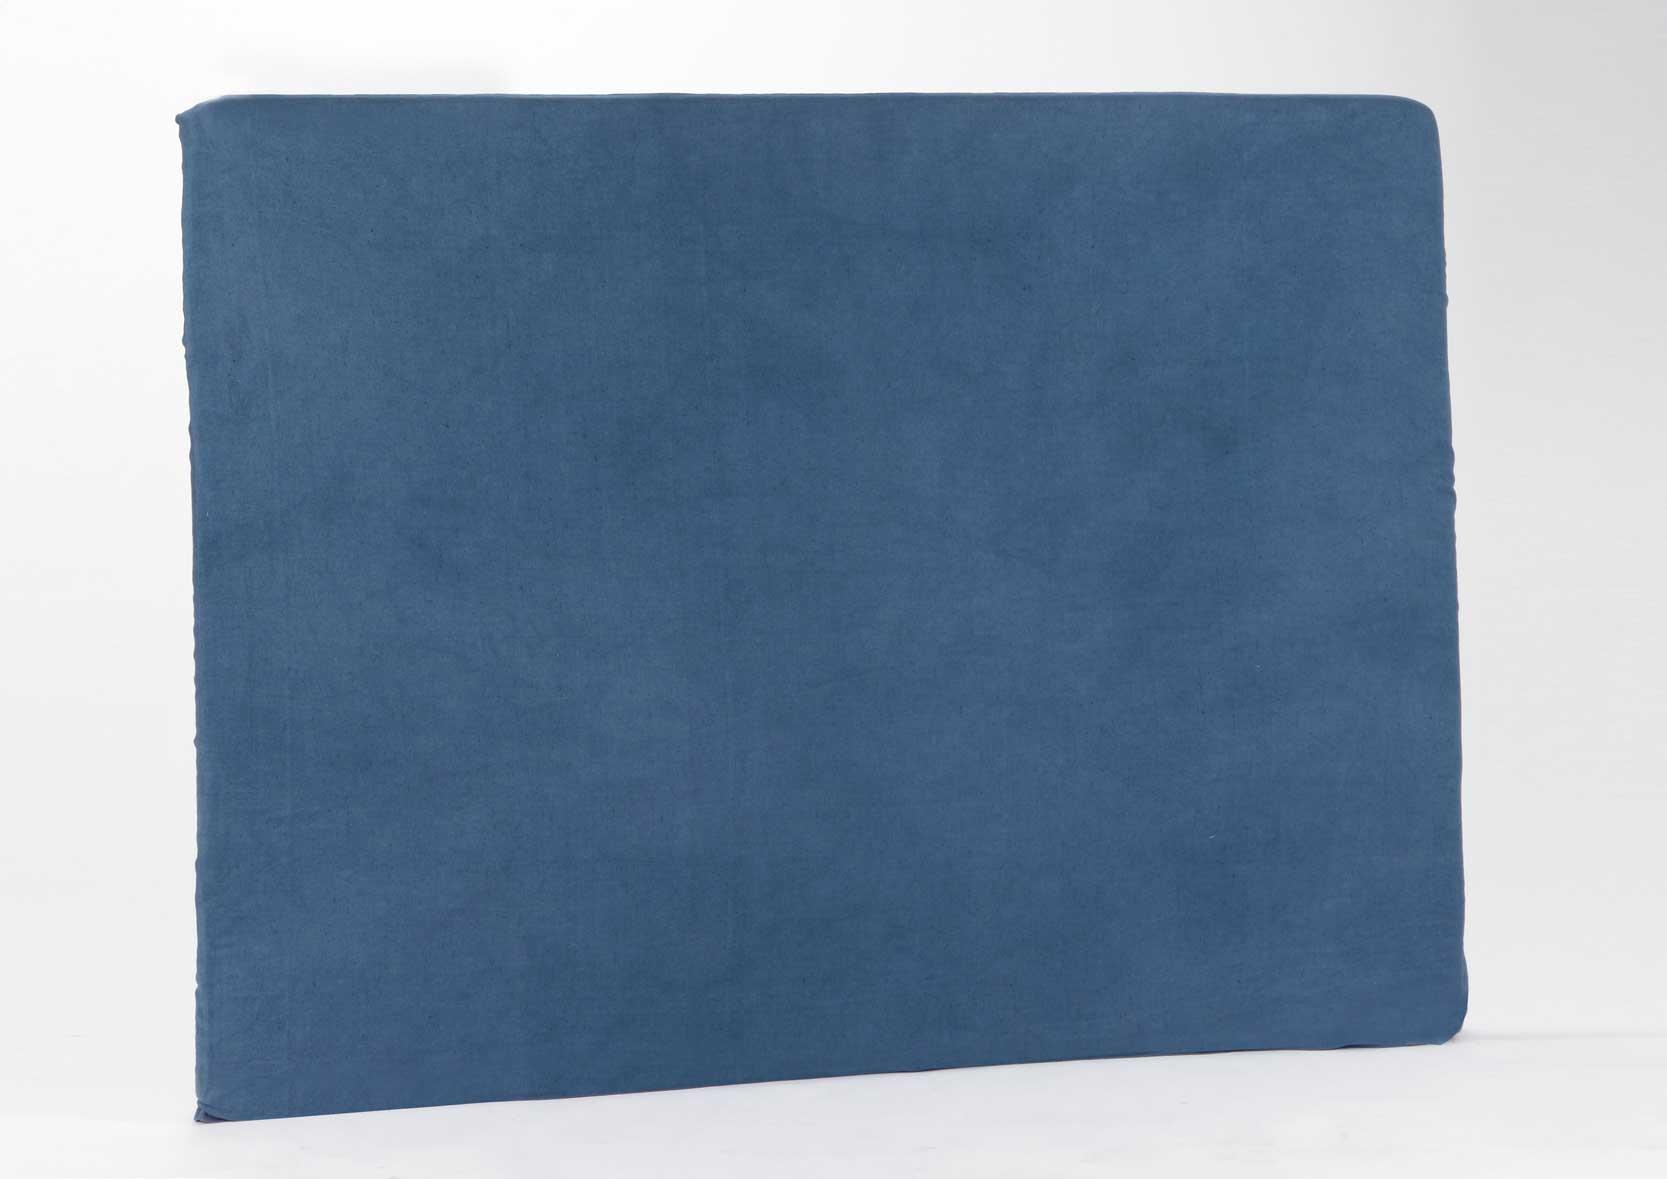 Housse en lin et coton pour t te de lit bleu - Housse tete de lit 140 ...